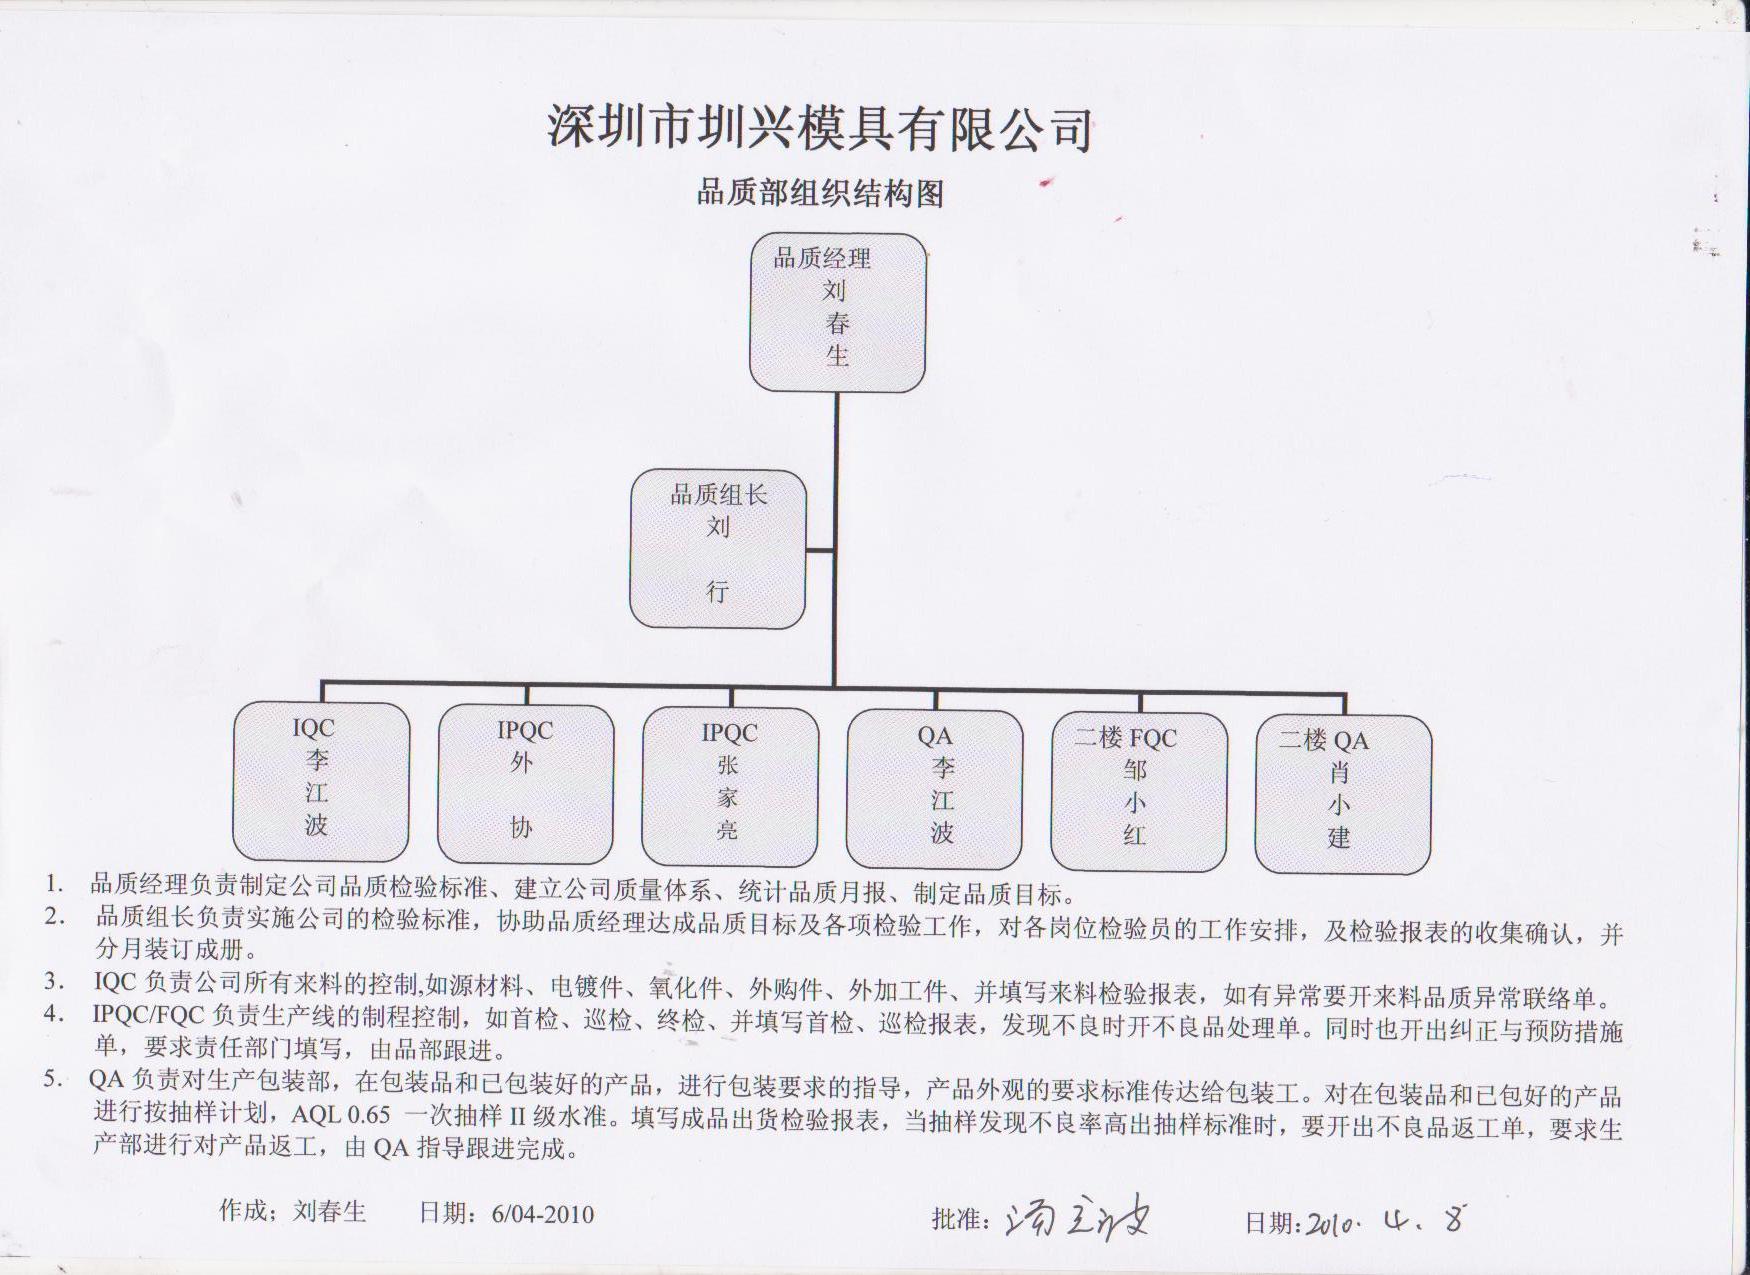 品质部组织架构_品质部组织架构图